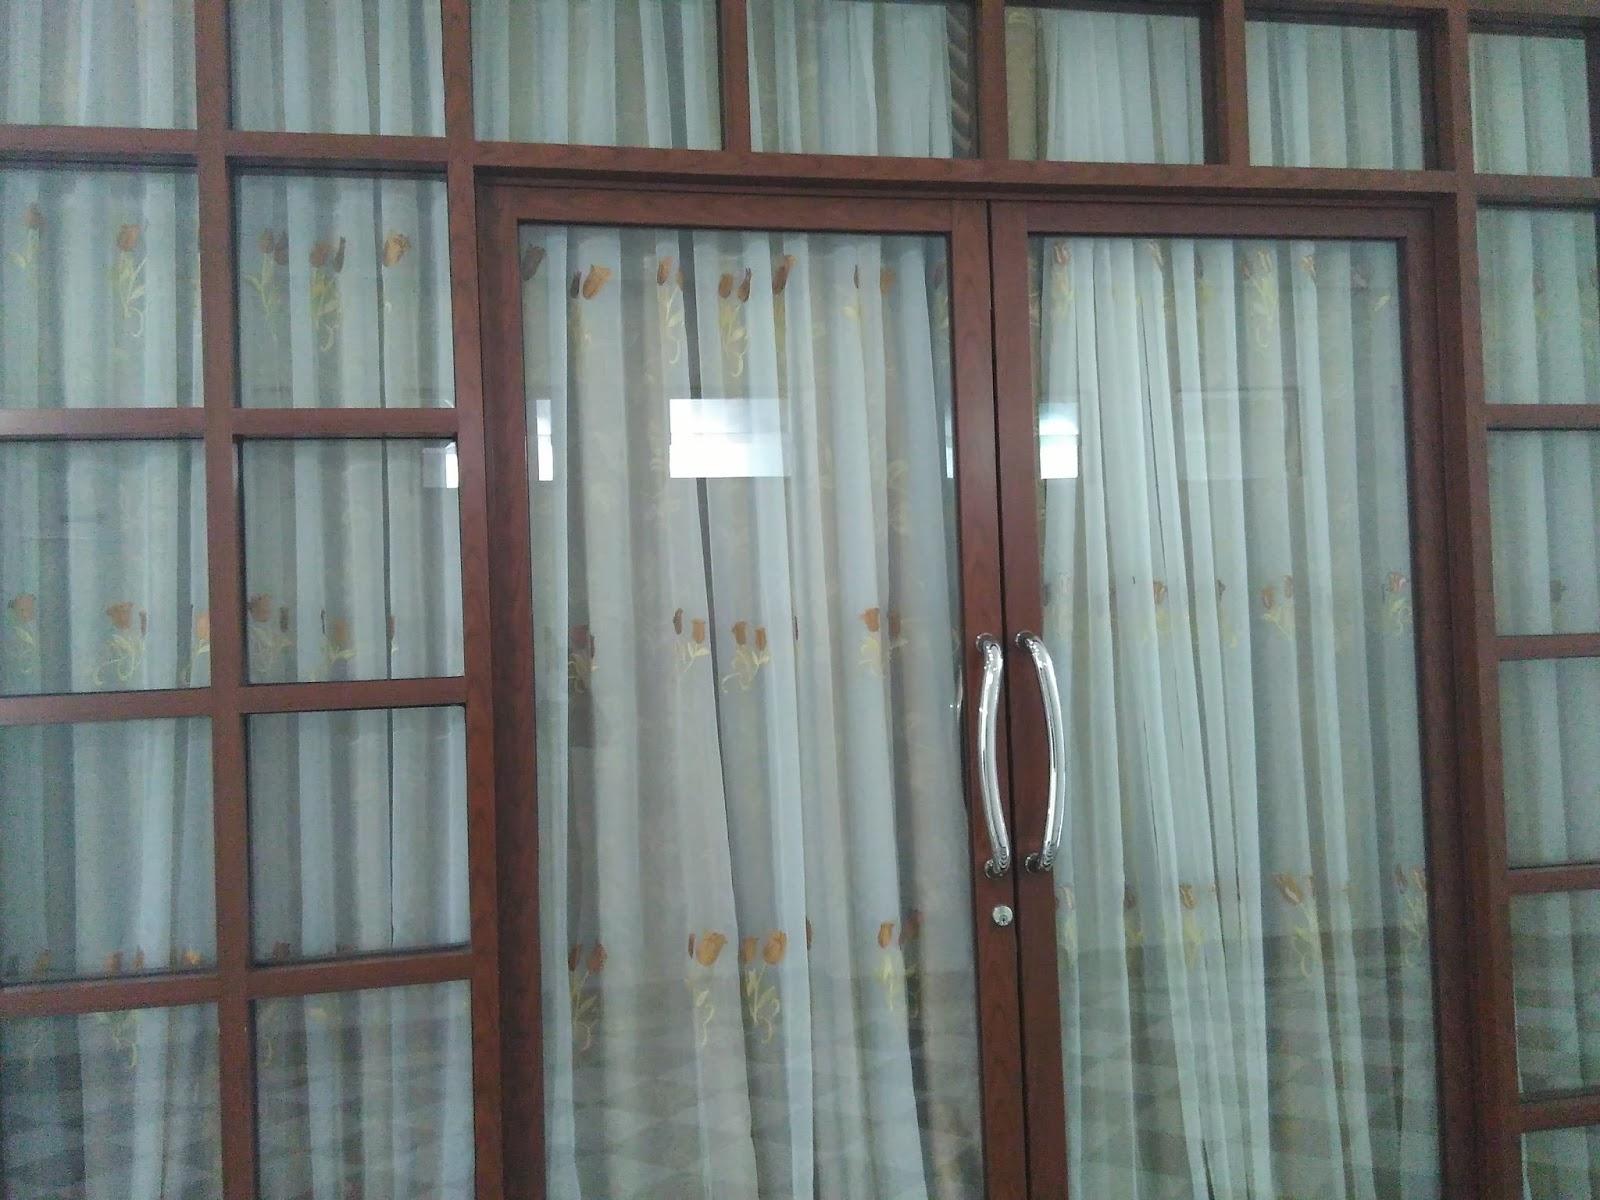 Jual Aluminium Murah di Bogor   Supplier Aluminium   Aluminium Murah ...